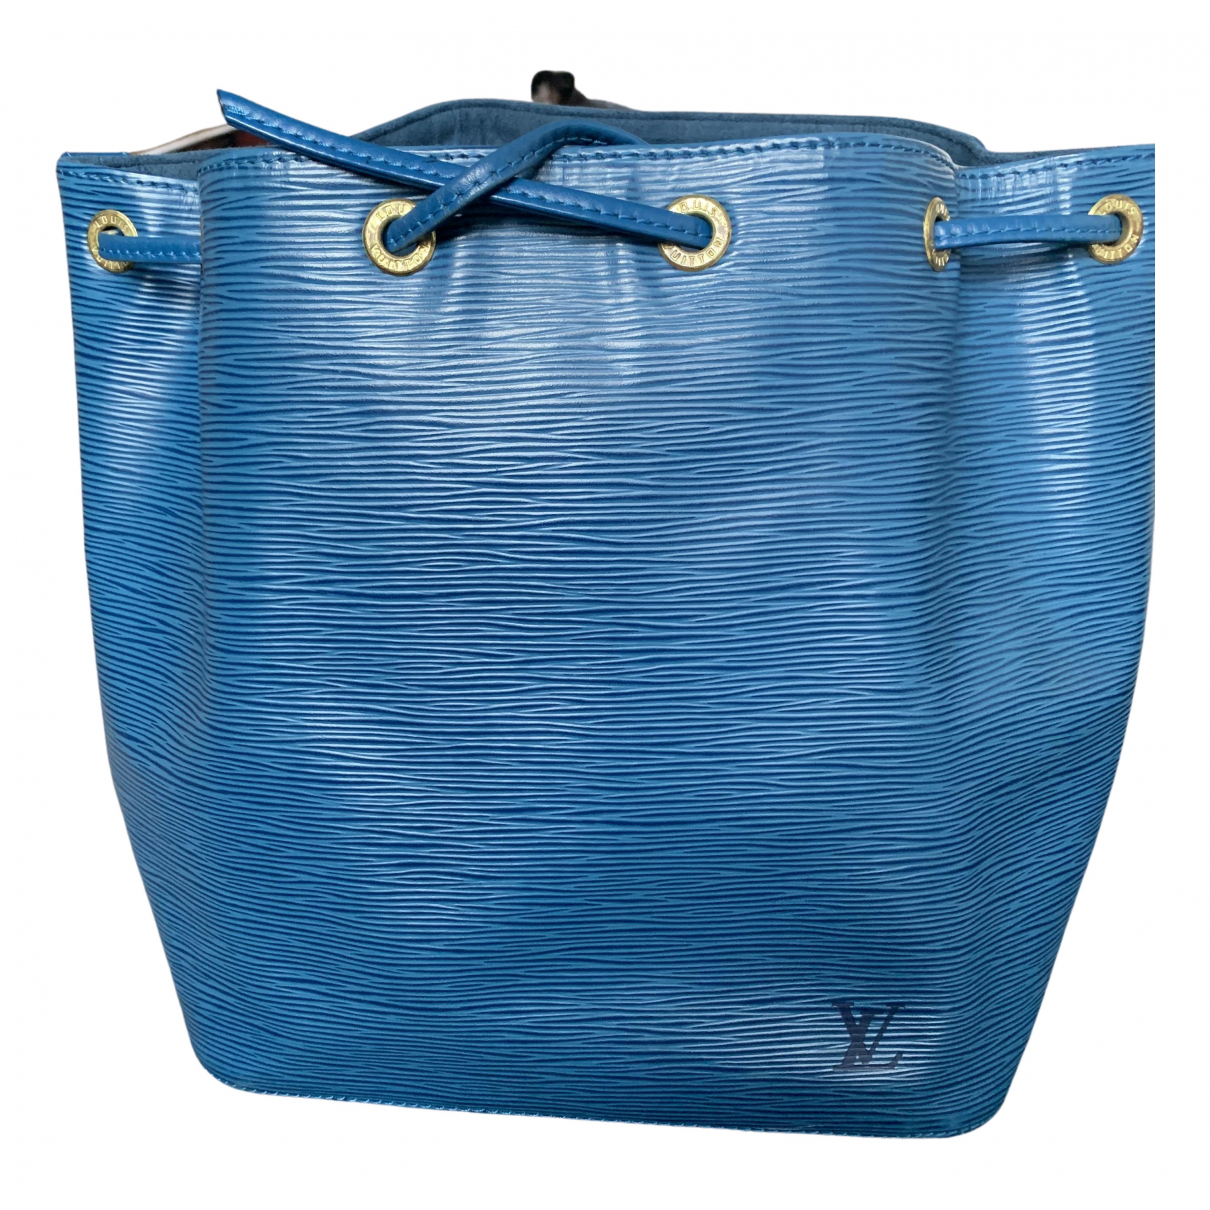 Bolso  Noe de Cuero Louis Vuitton